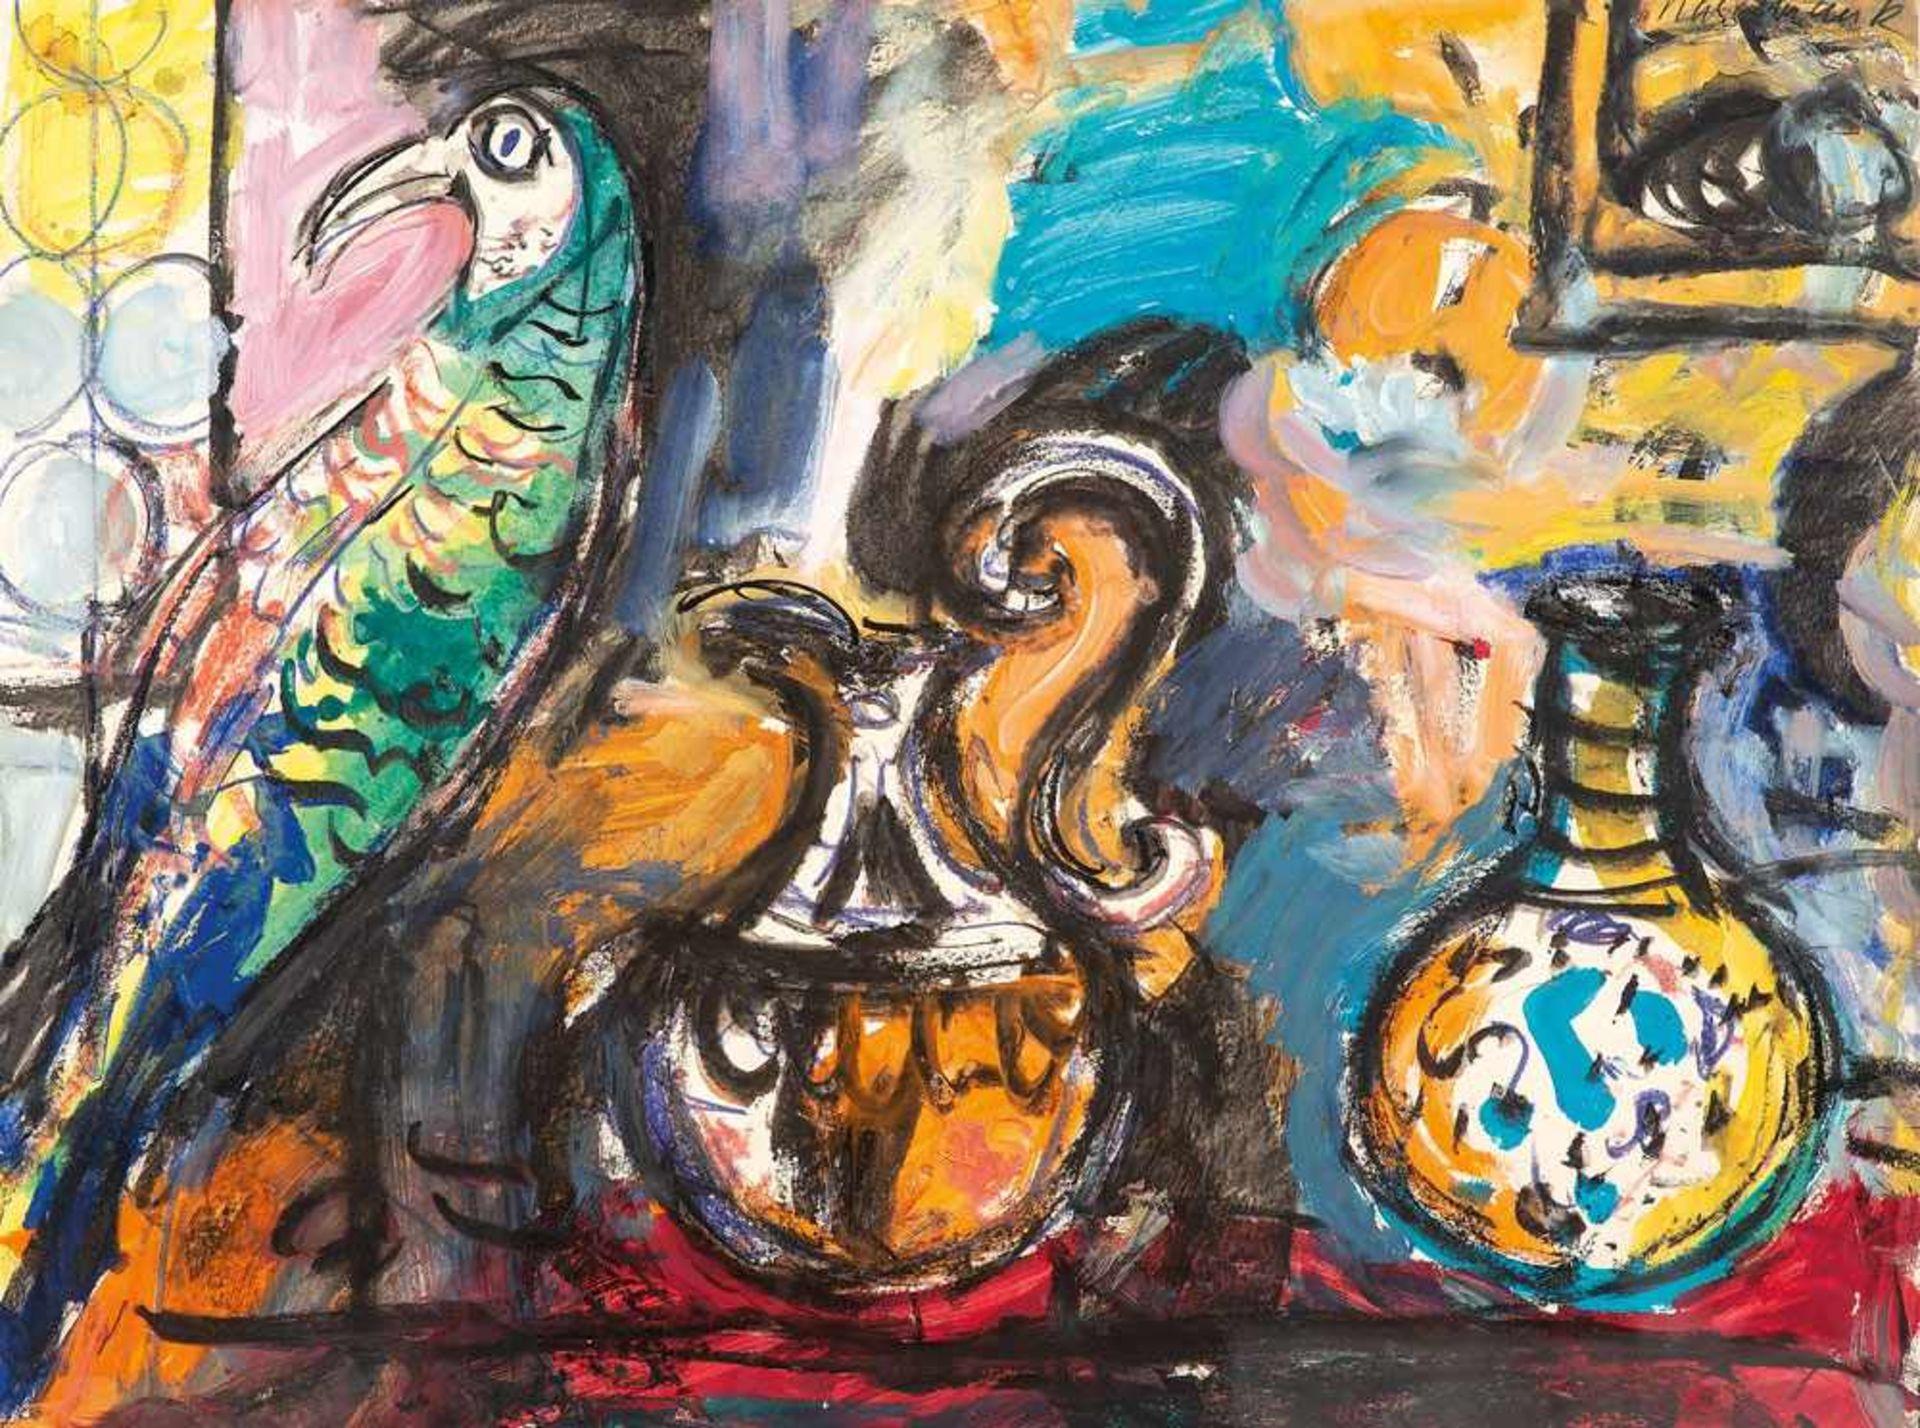 Ernst Hassebrauk (1905 - Dresden - 1974) Stillleben mit Papagei. Mischtechnik. 1960. 550 x 700 mm.